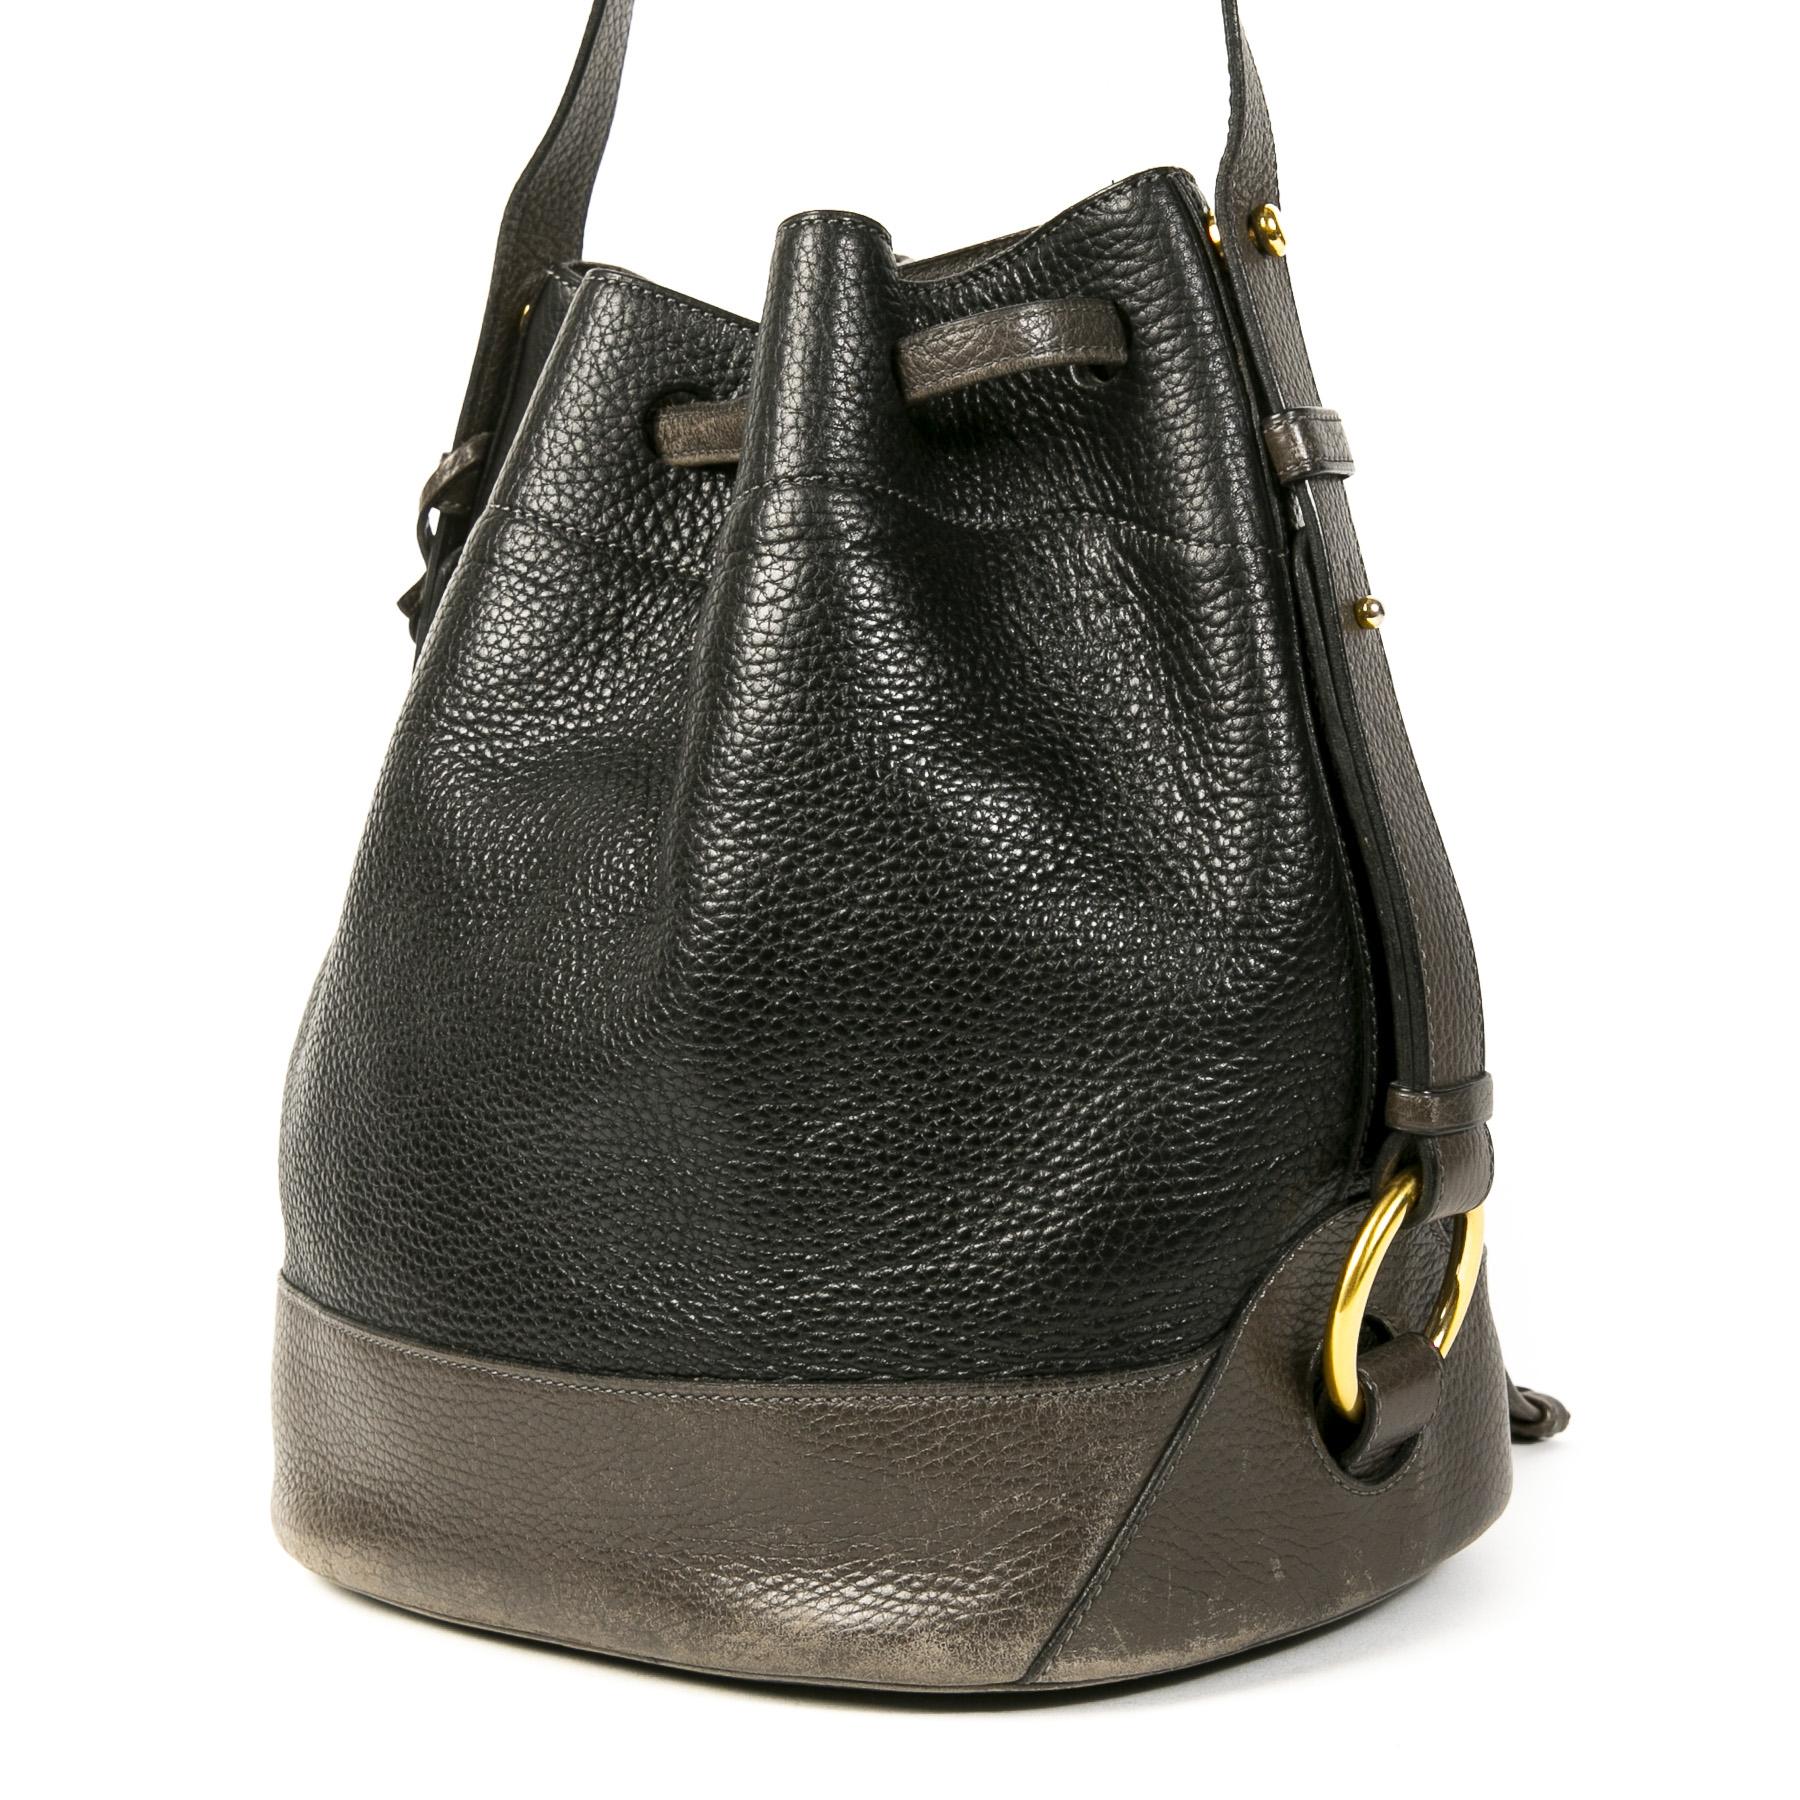 Authentieke Tweedehands Delvaux Black & Grey Leather Drawstring Bucket Bag juiste prijs veilig online shoppen luxe merken webshop winkelen Antwerpen België mode fashion